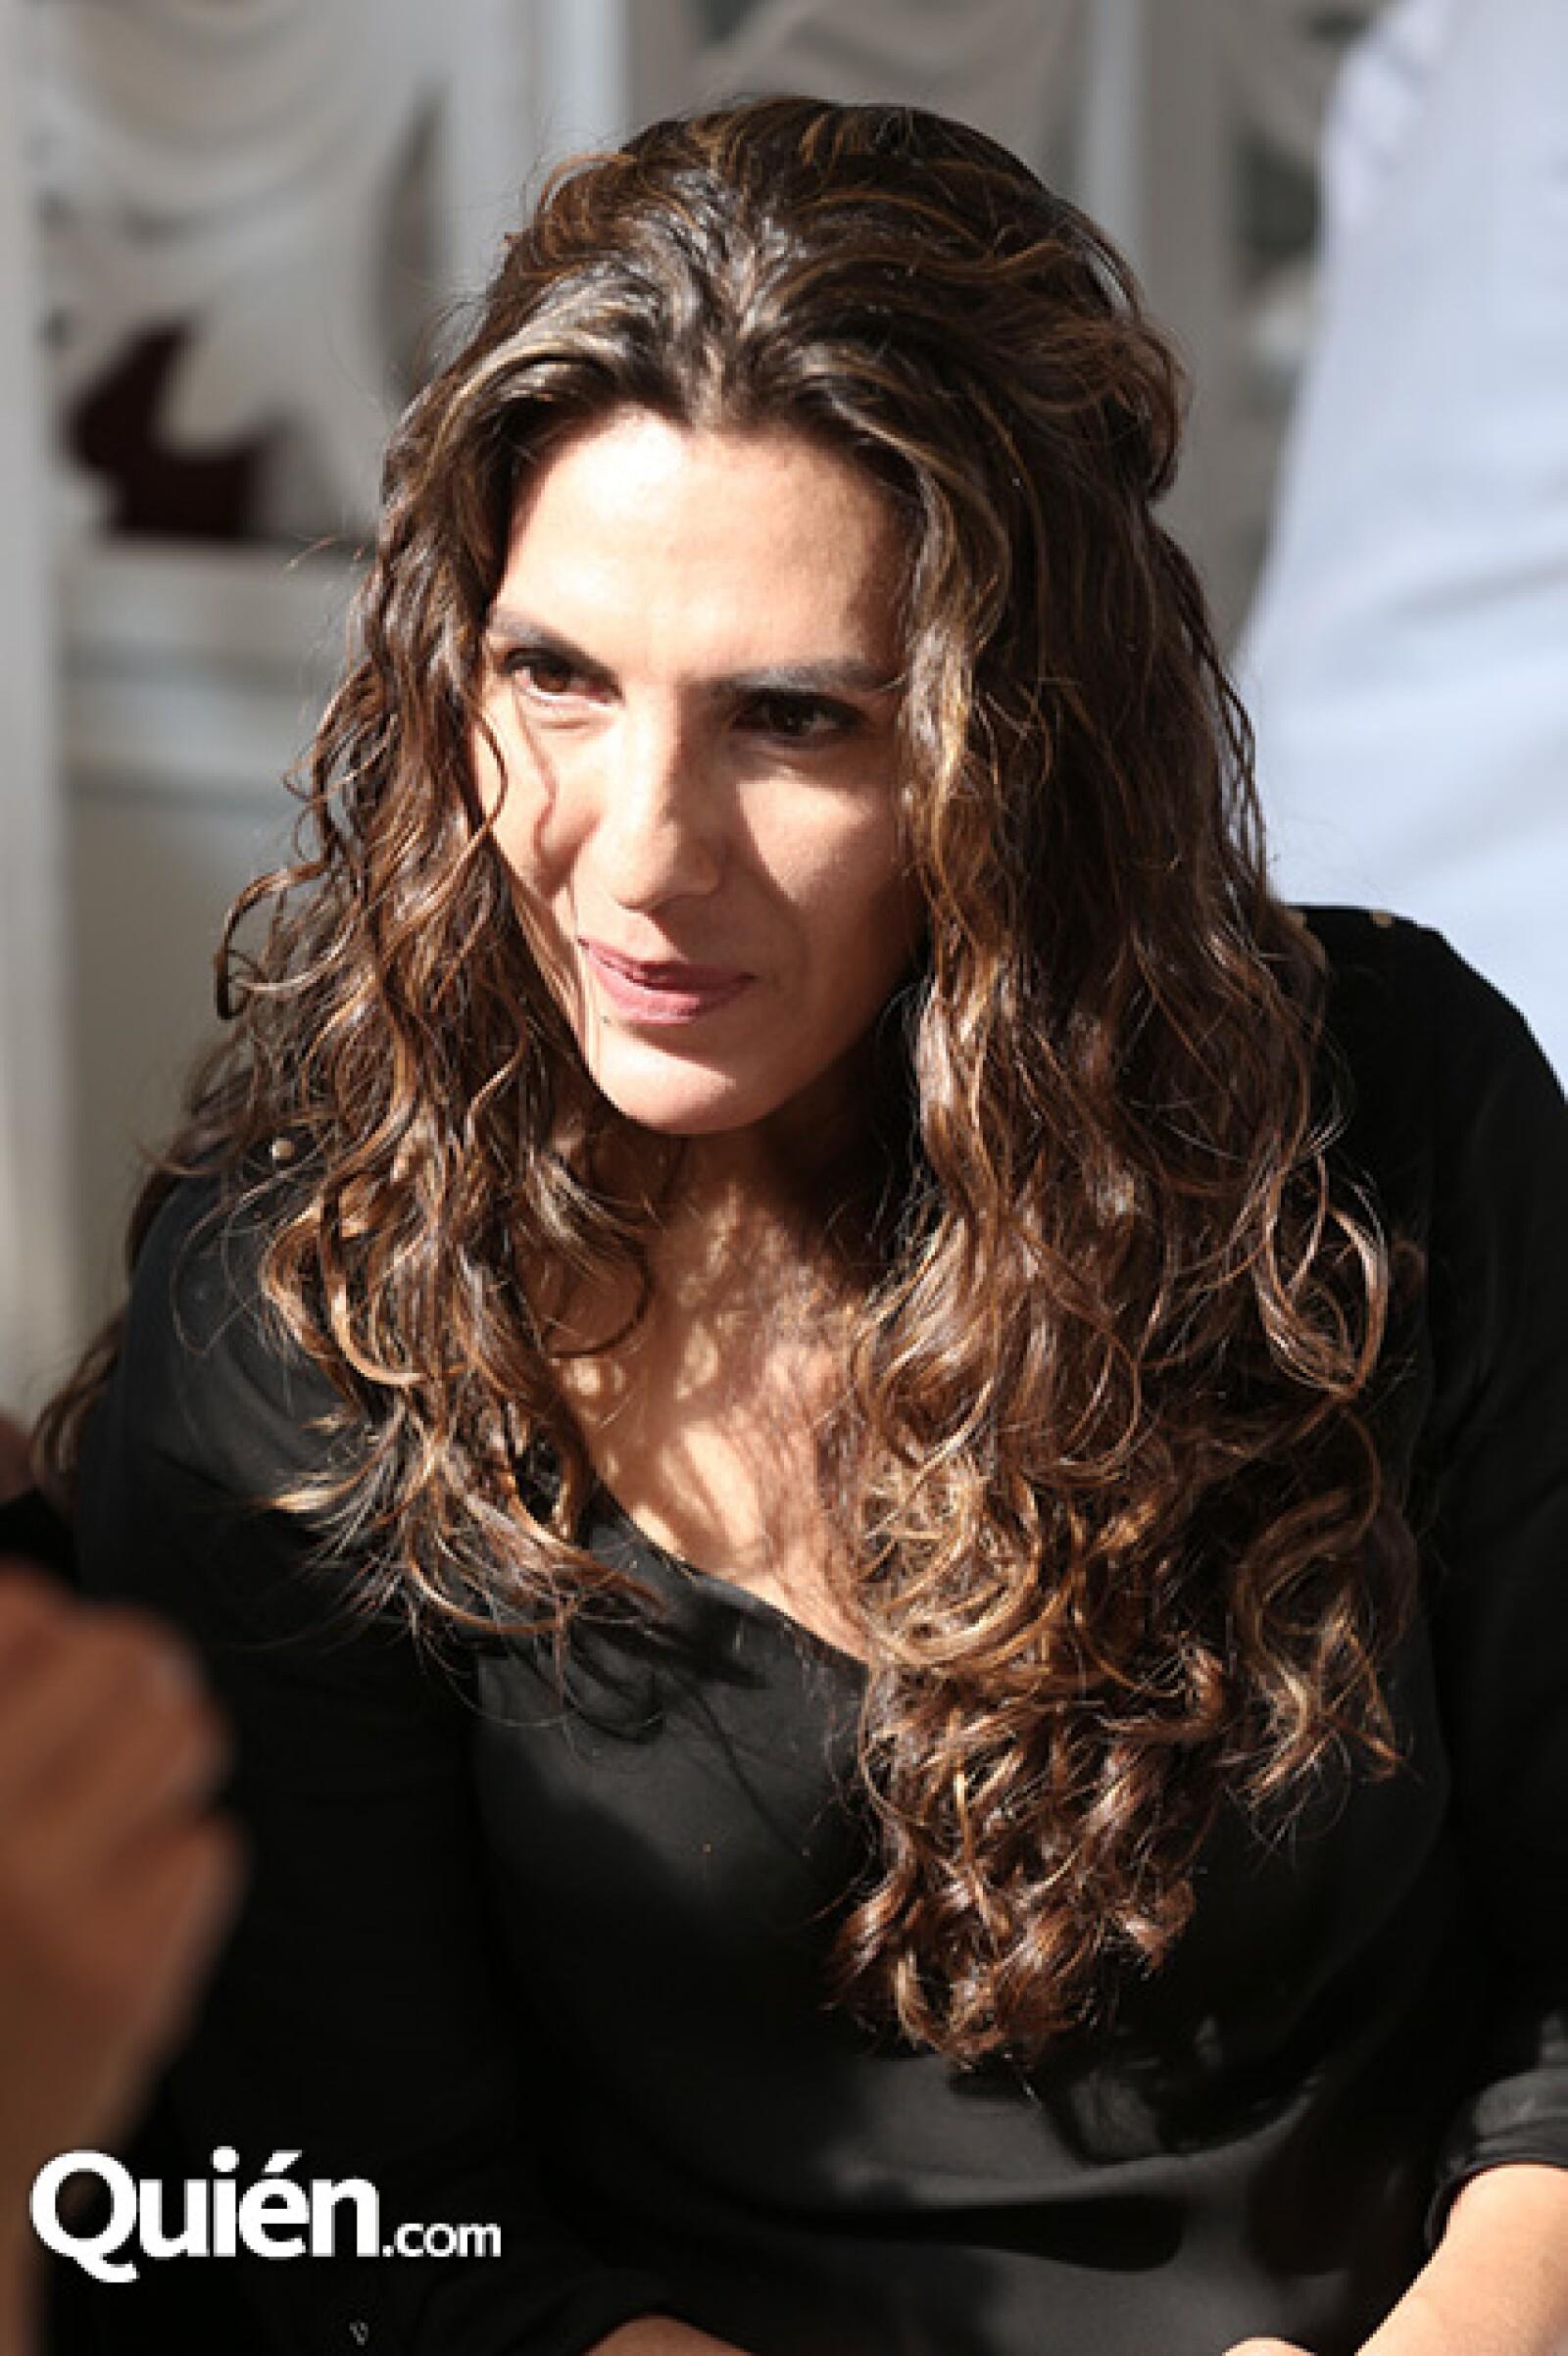 Luciana Vázquez